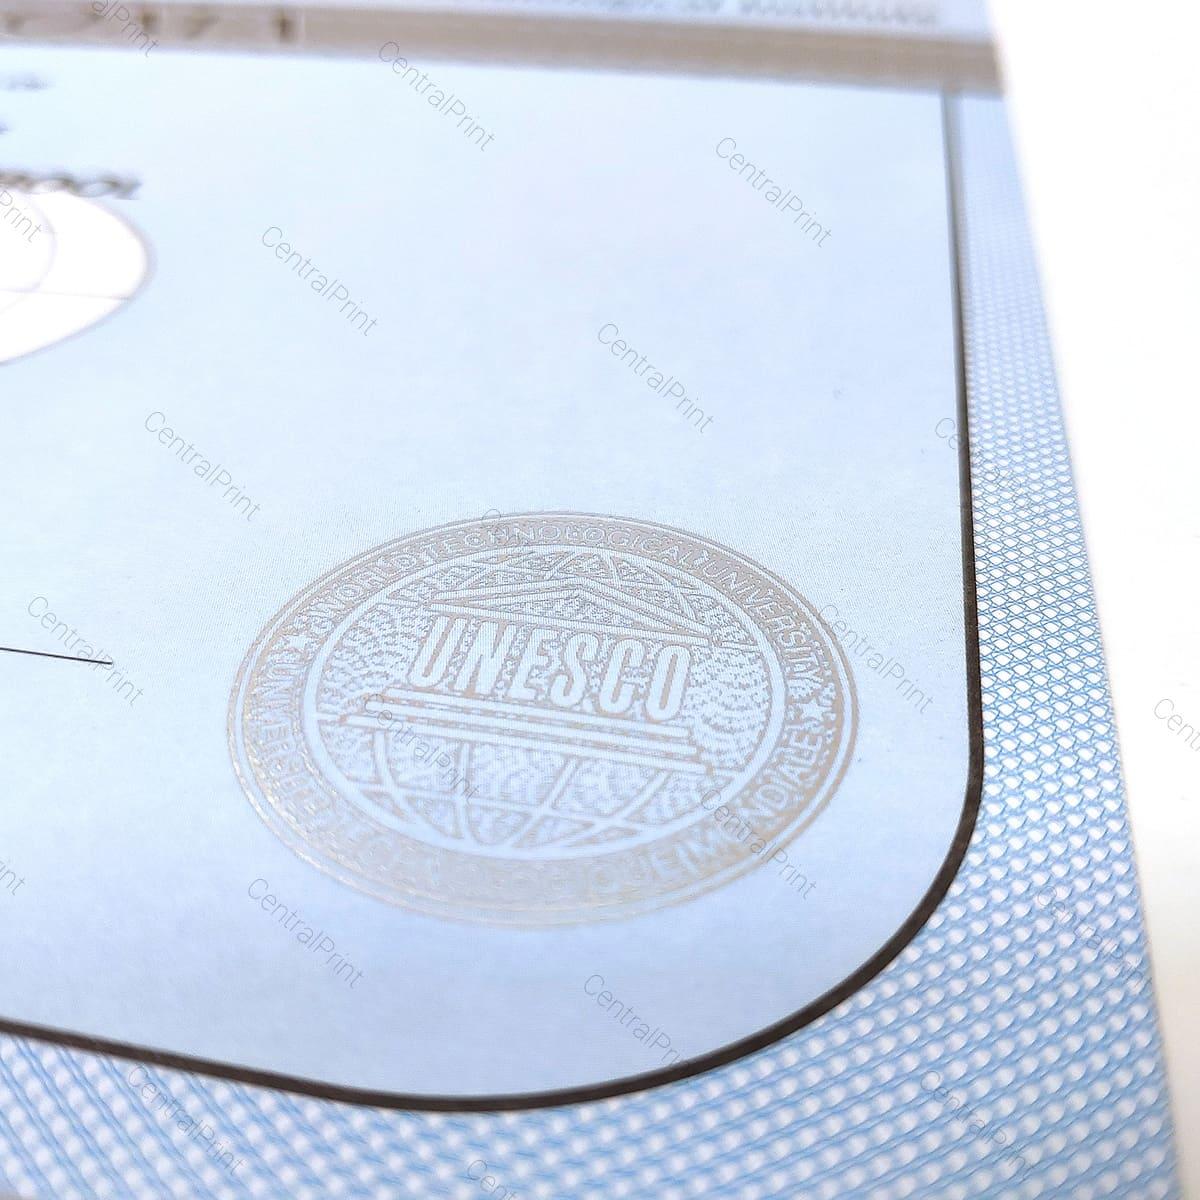 пример бланка в виде сертификата